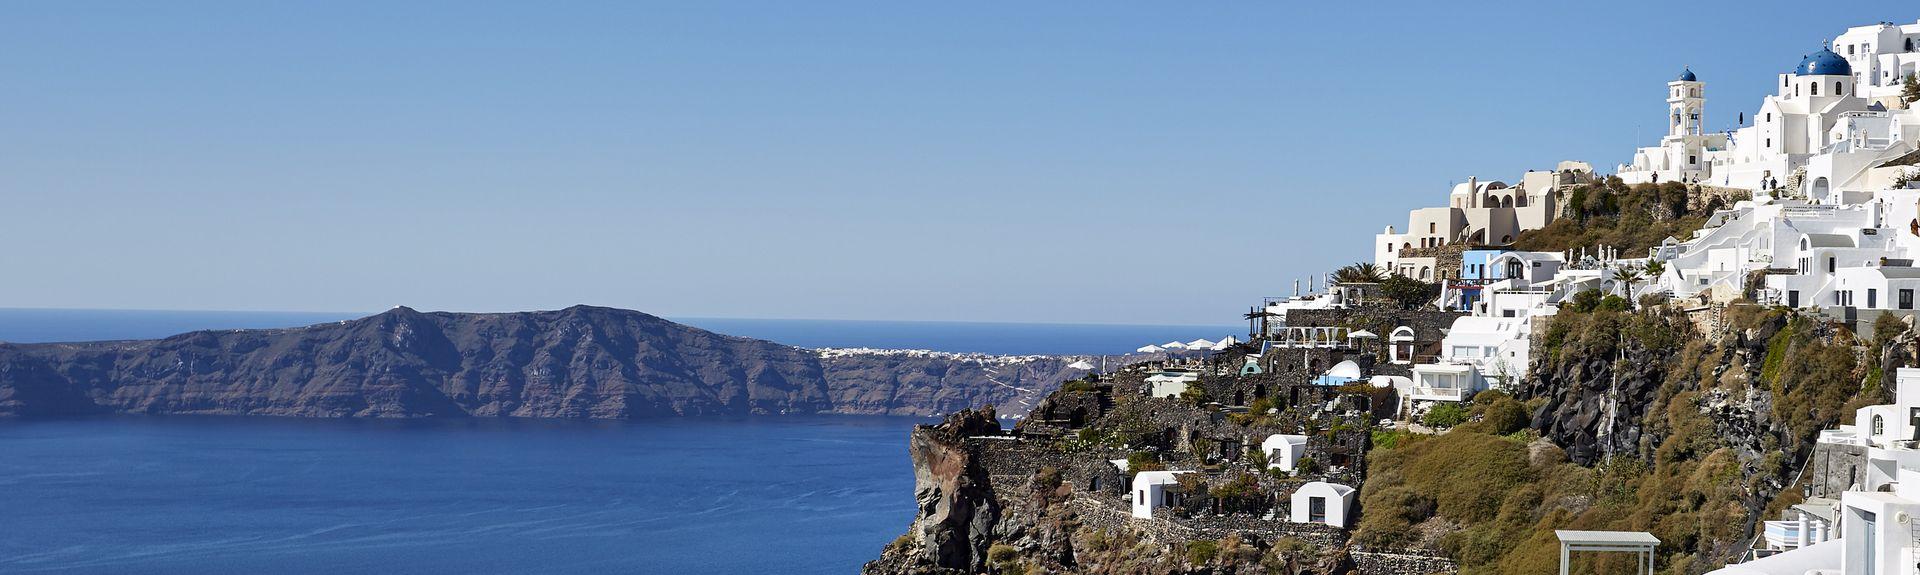 Therasia, Egeu Meridional, Grécia